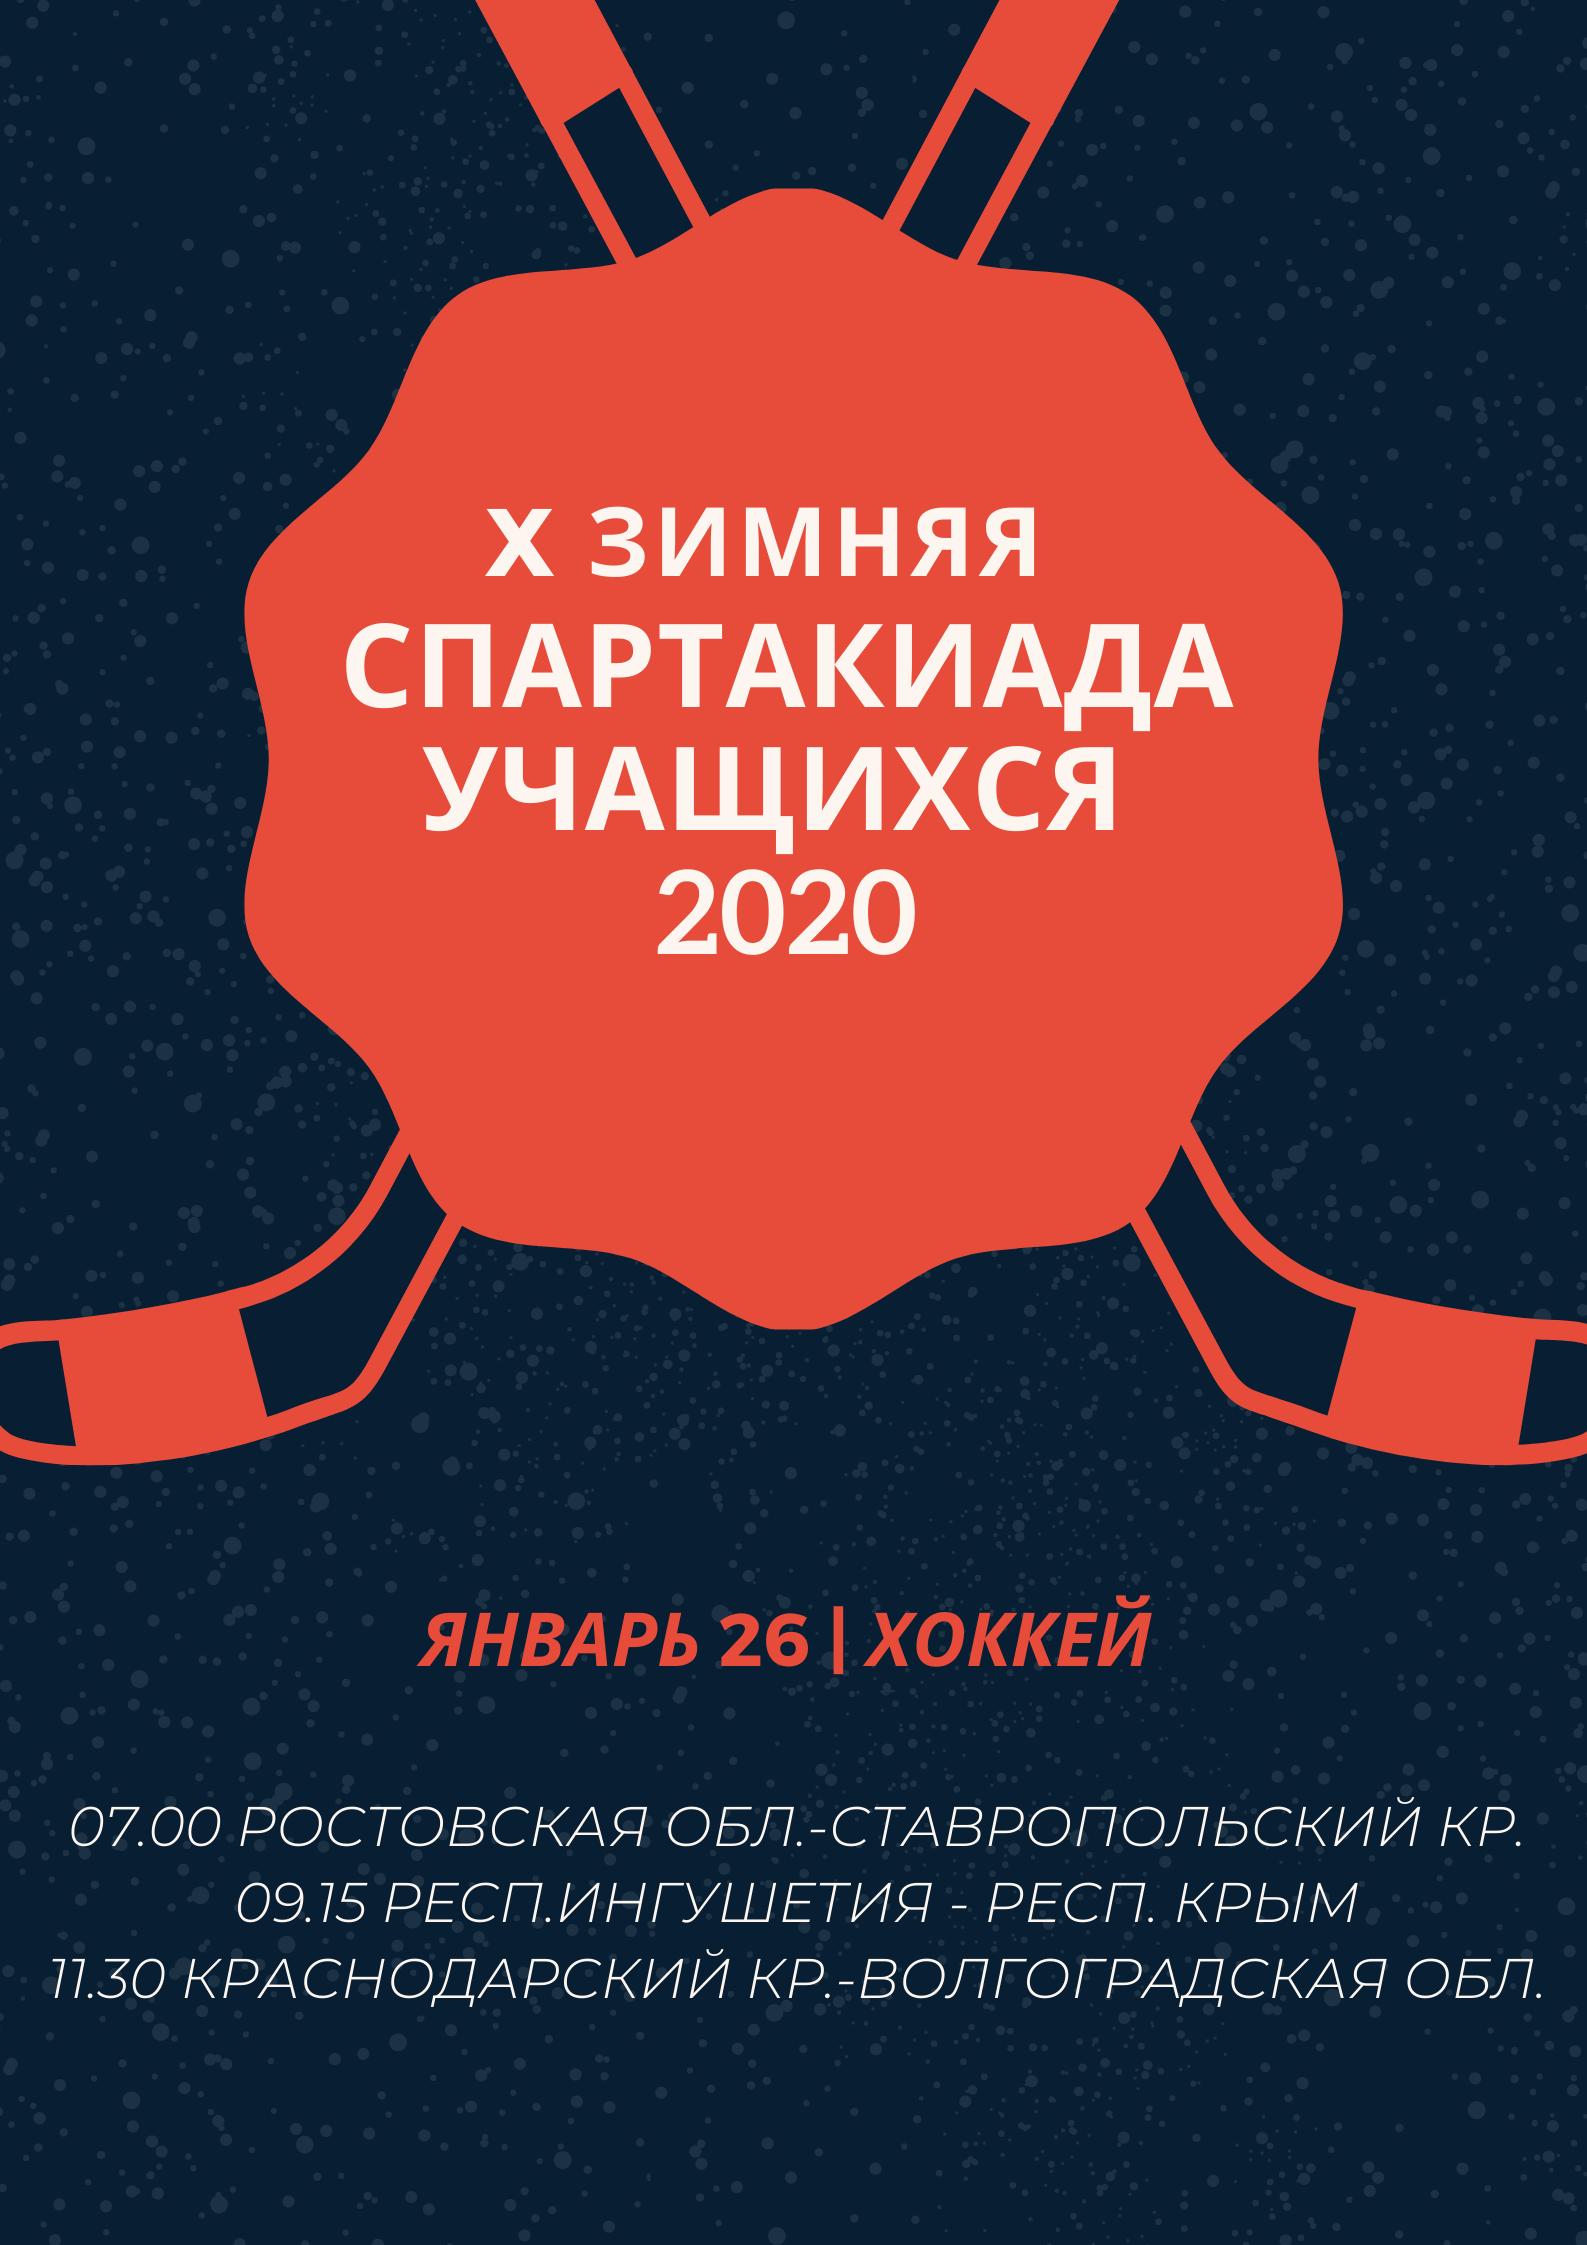 Х Зимняя Спартакиада. День 4